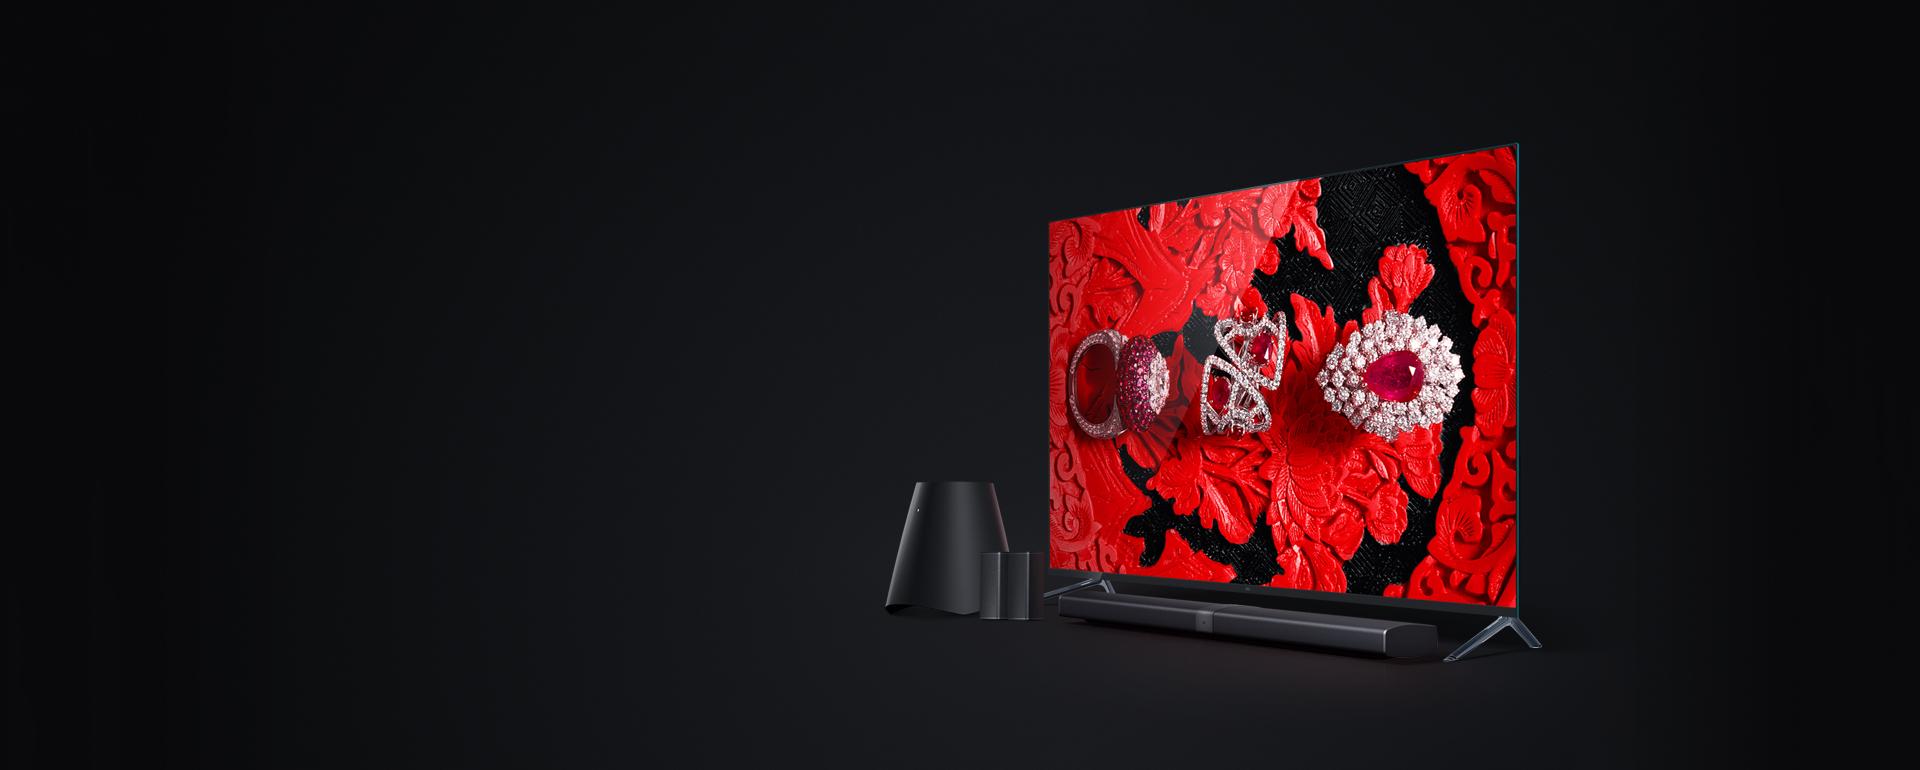 Mi TV 4 65